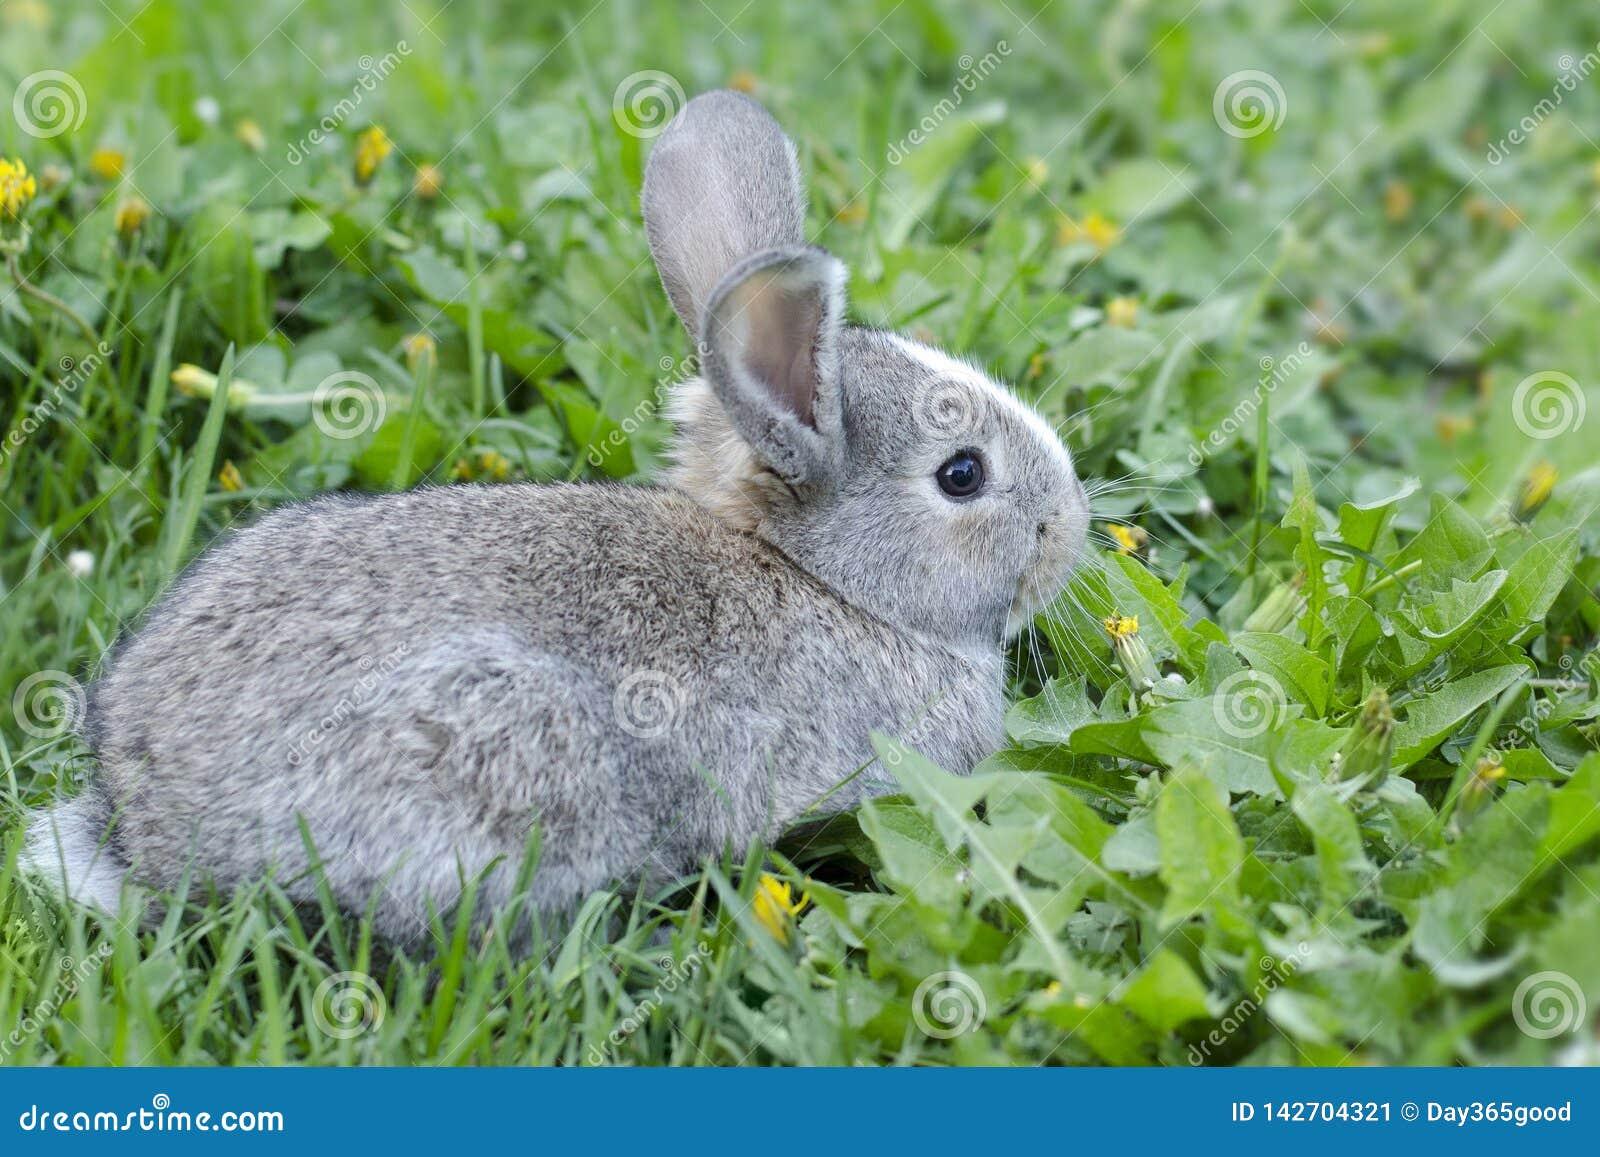 Wenig Kaninchen im grünen Gras Häschen in der Wiese Hase sitzt im grünen Gras